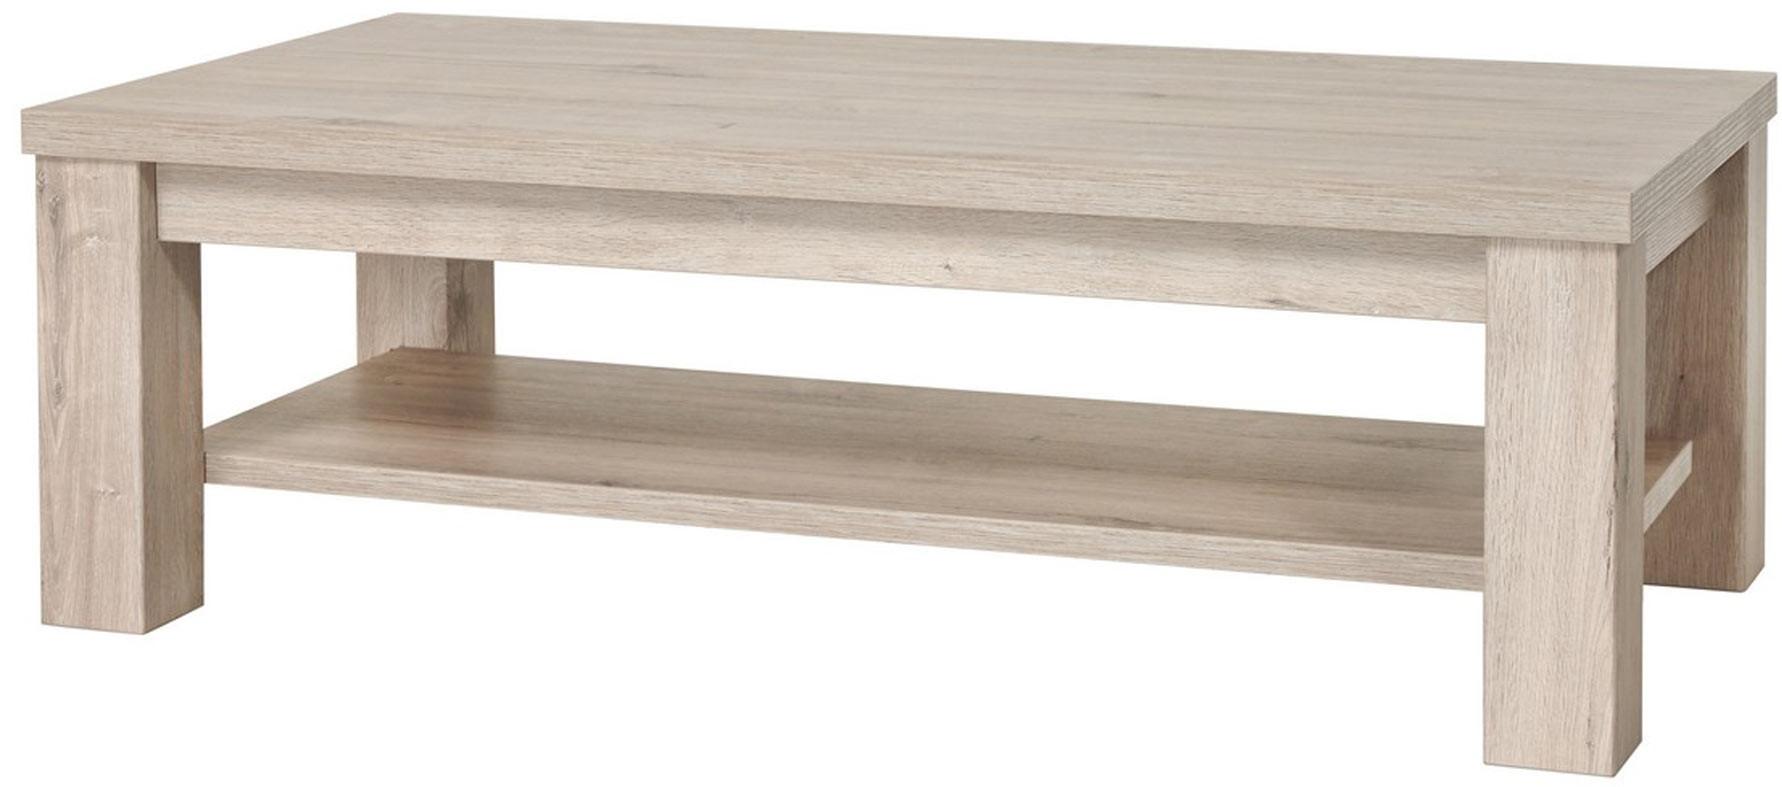 Table basse contemporaine chêne clair Perrine II